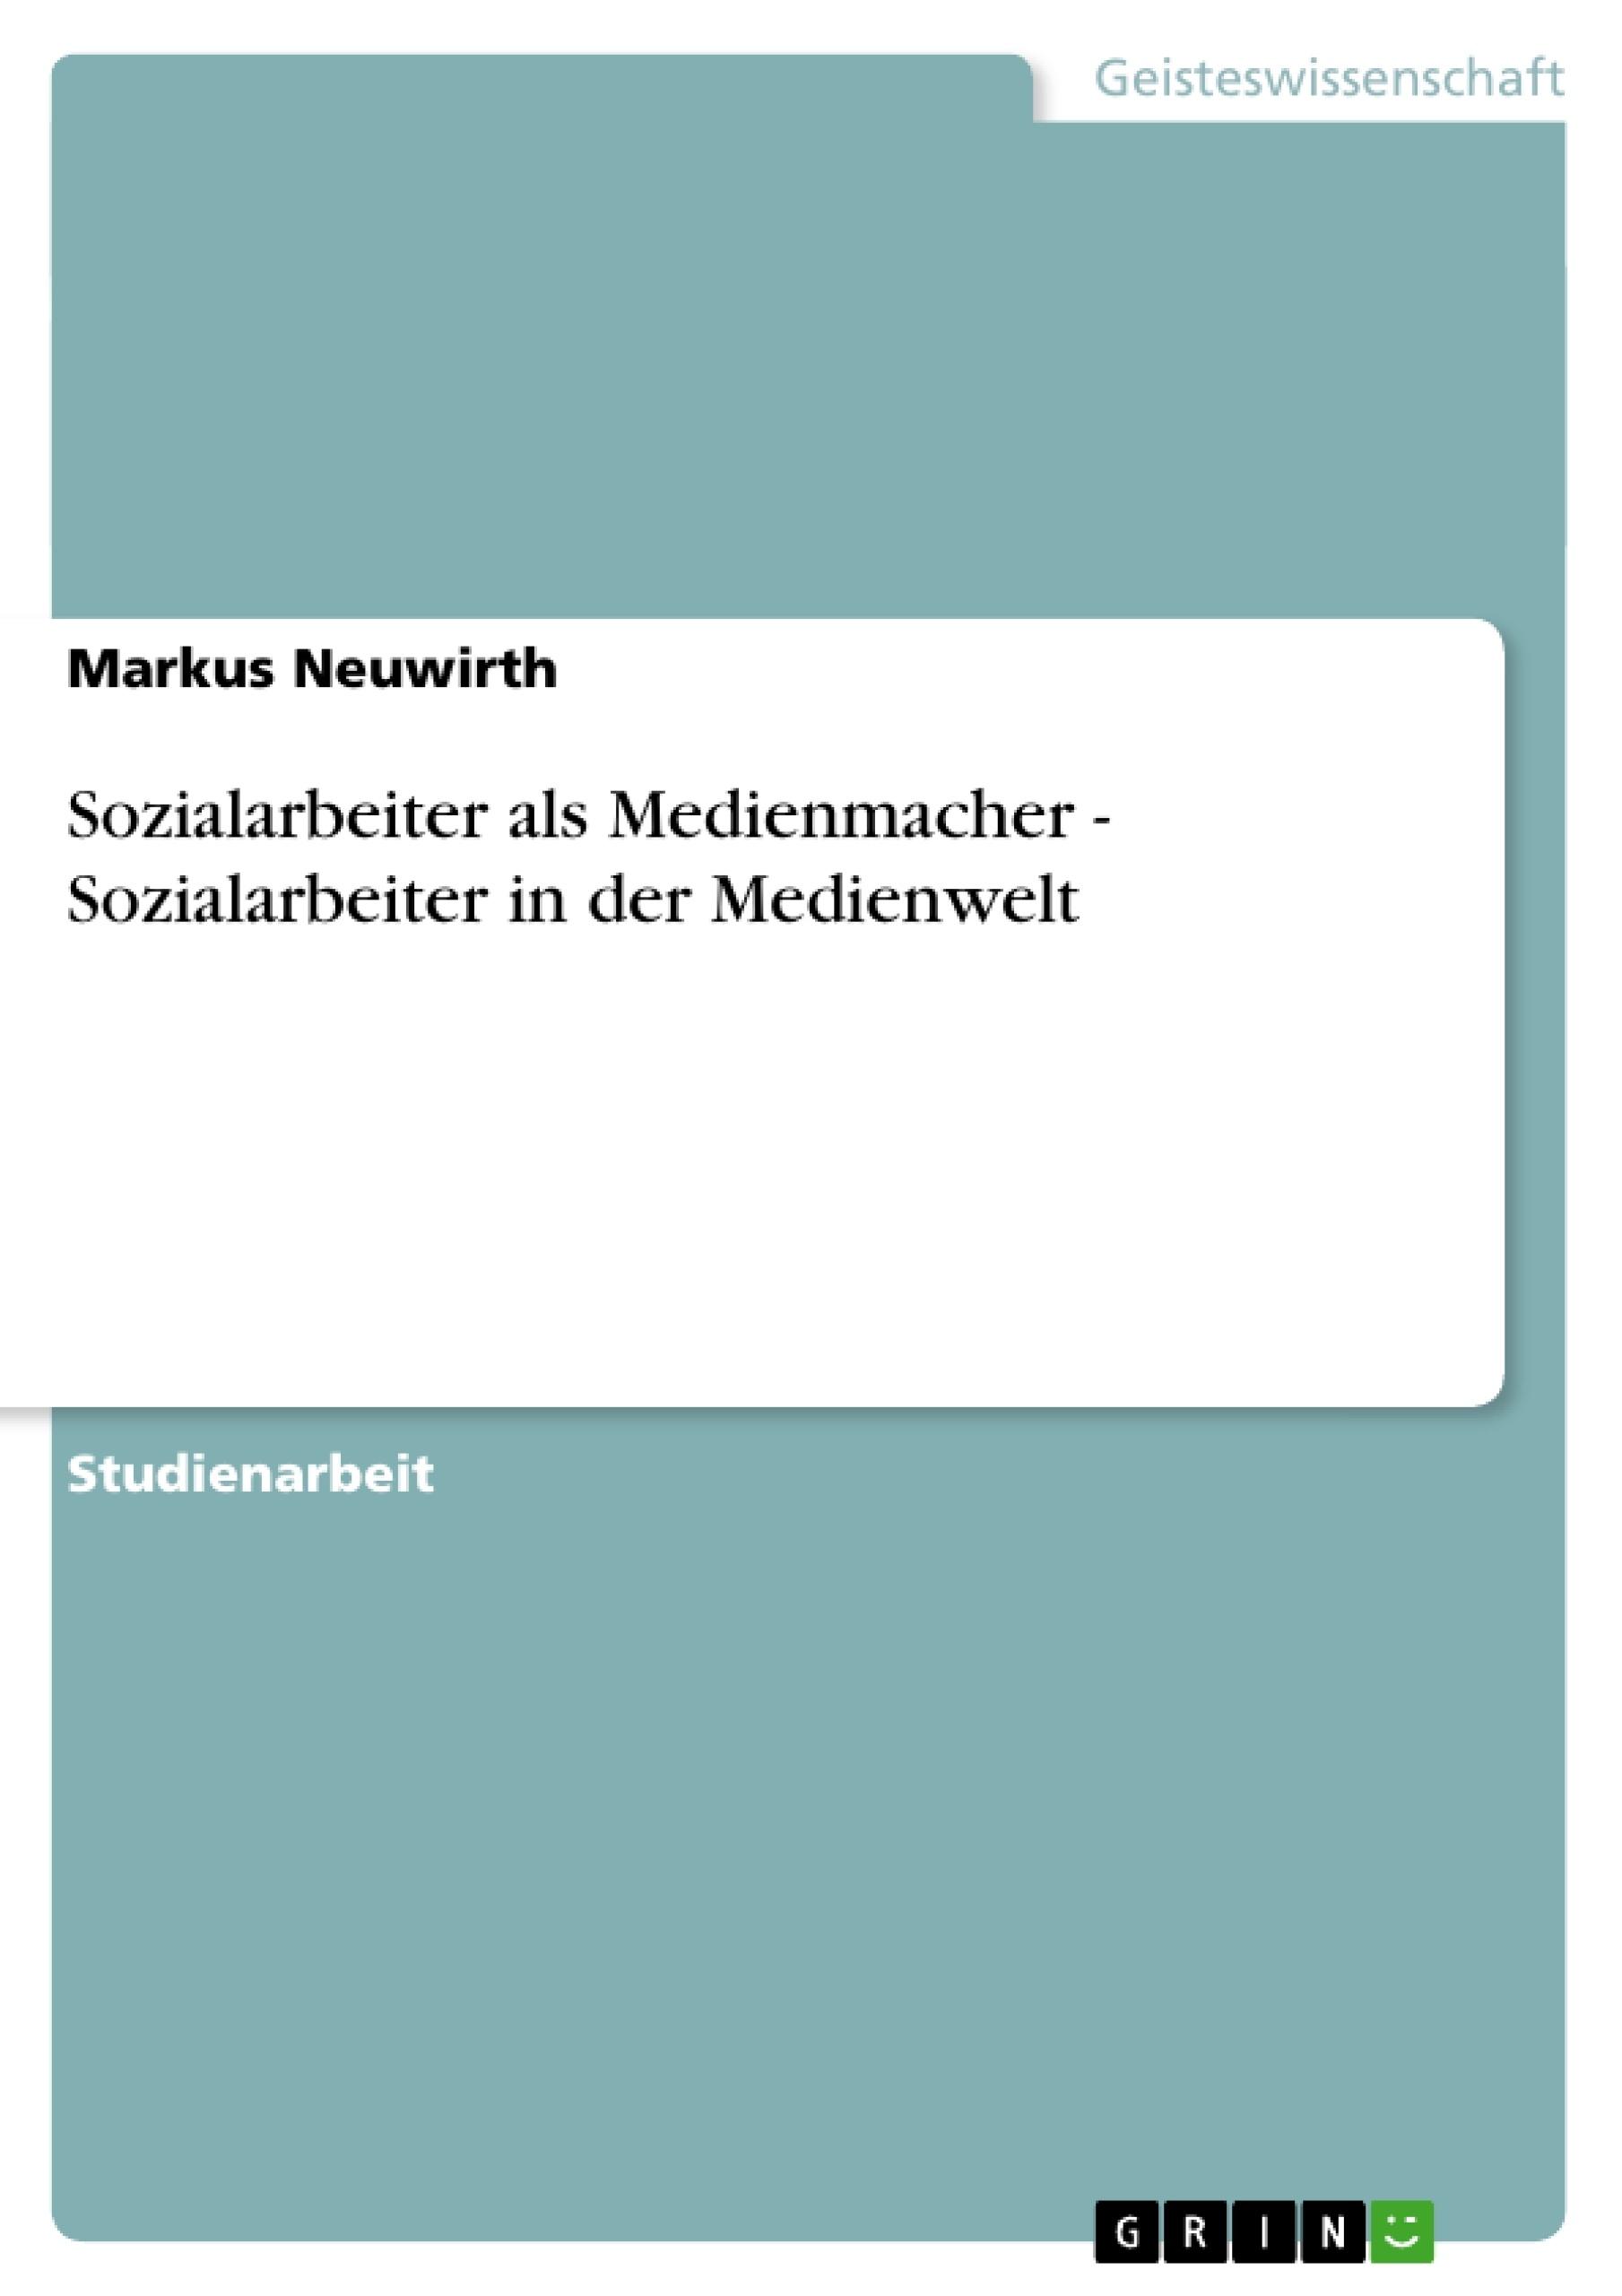 Titel: Sozialarbeiter als Medienmacher  -  Sozialarbeiter in der Medienwelt